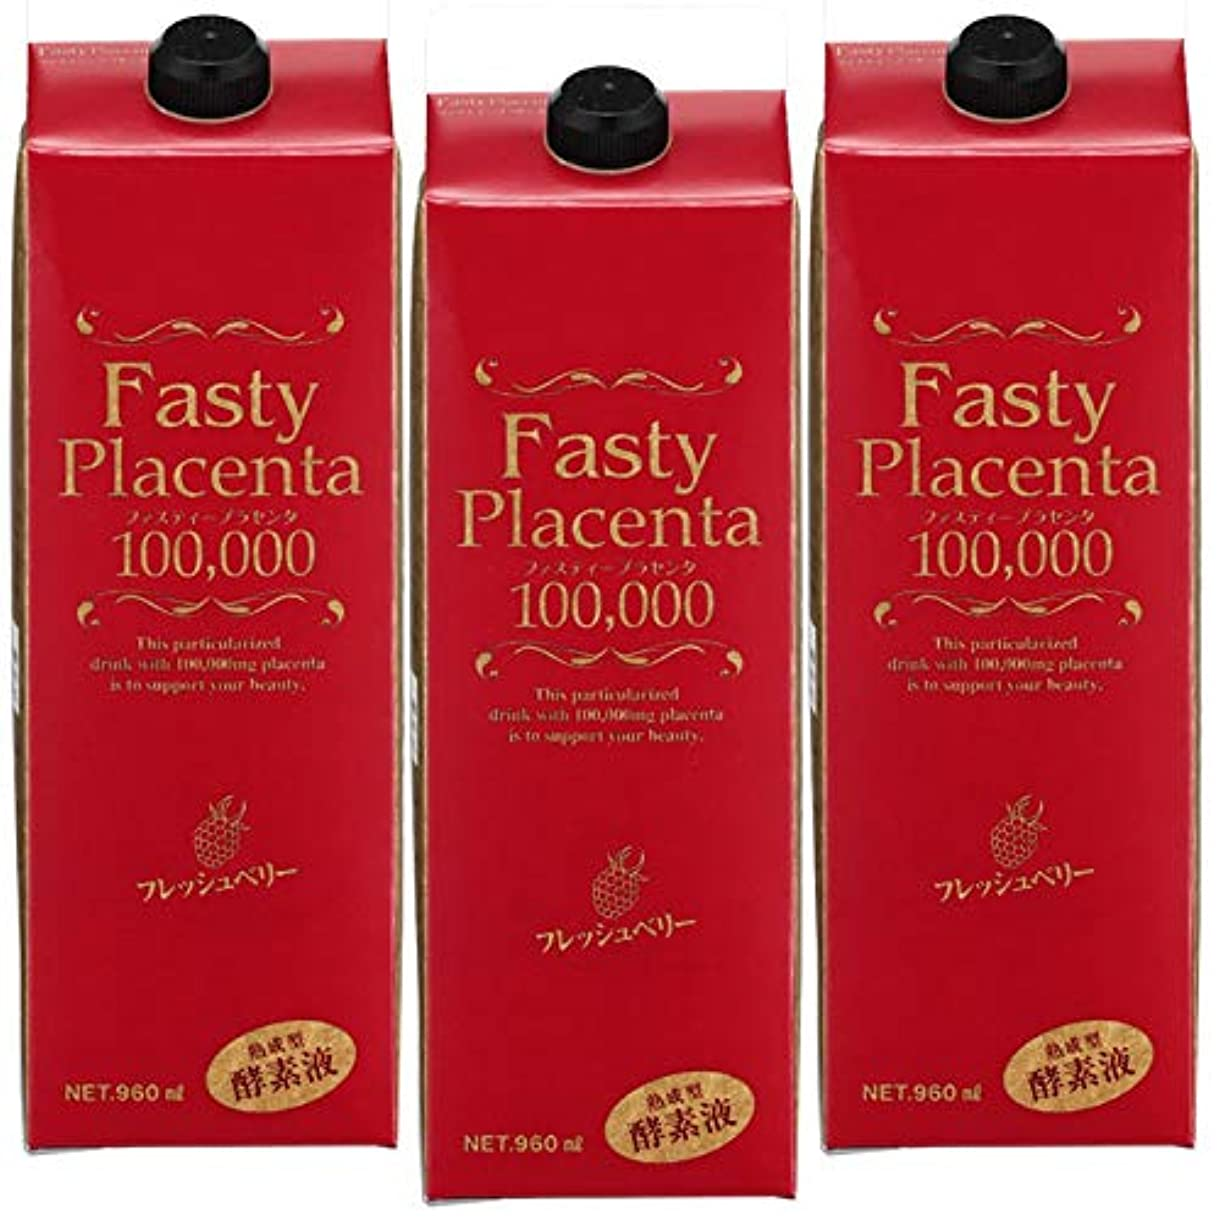 ポジティブコンテスト傑作ファスティープラセンタ100,000 増量パック(フレッシュベリー味)3個